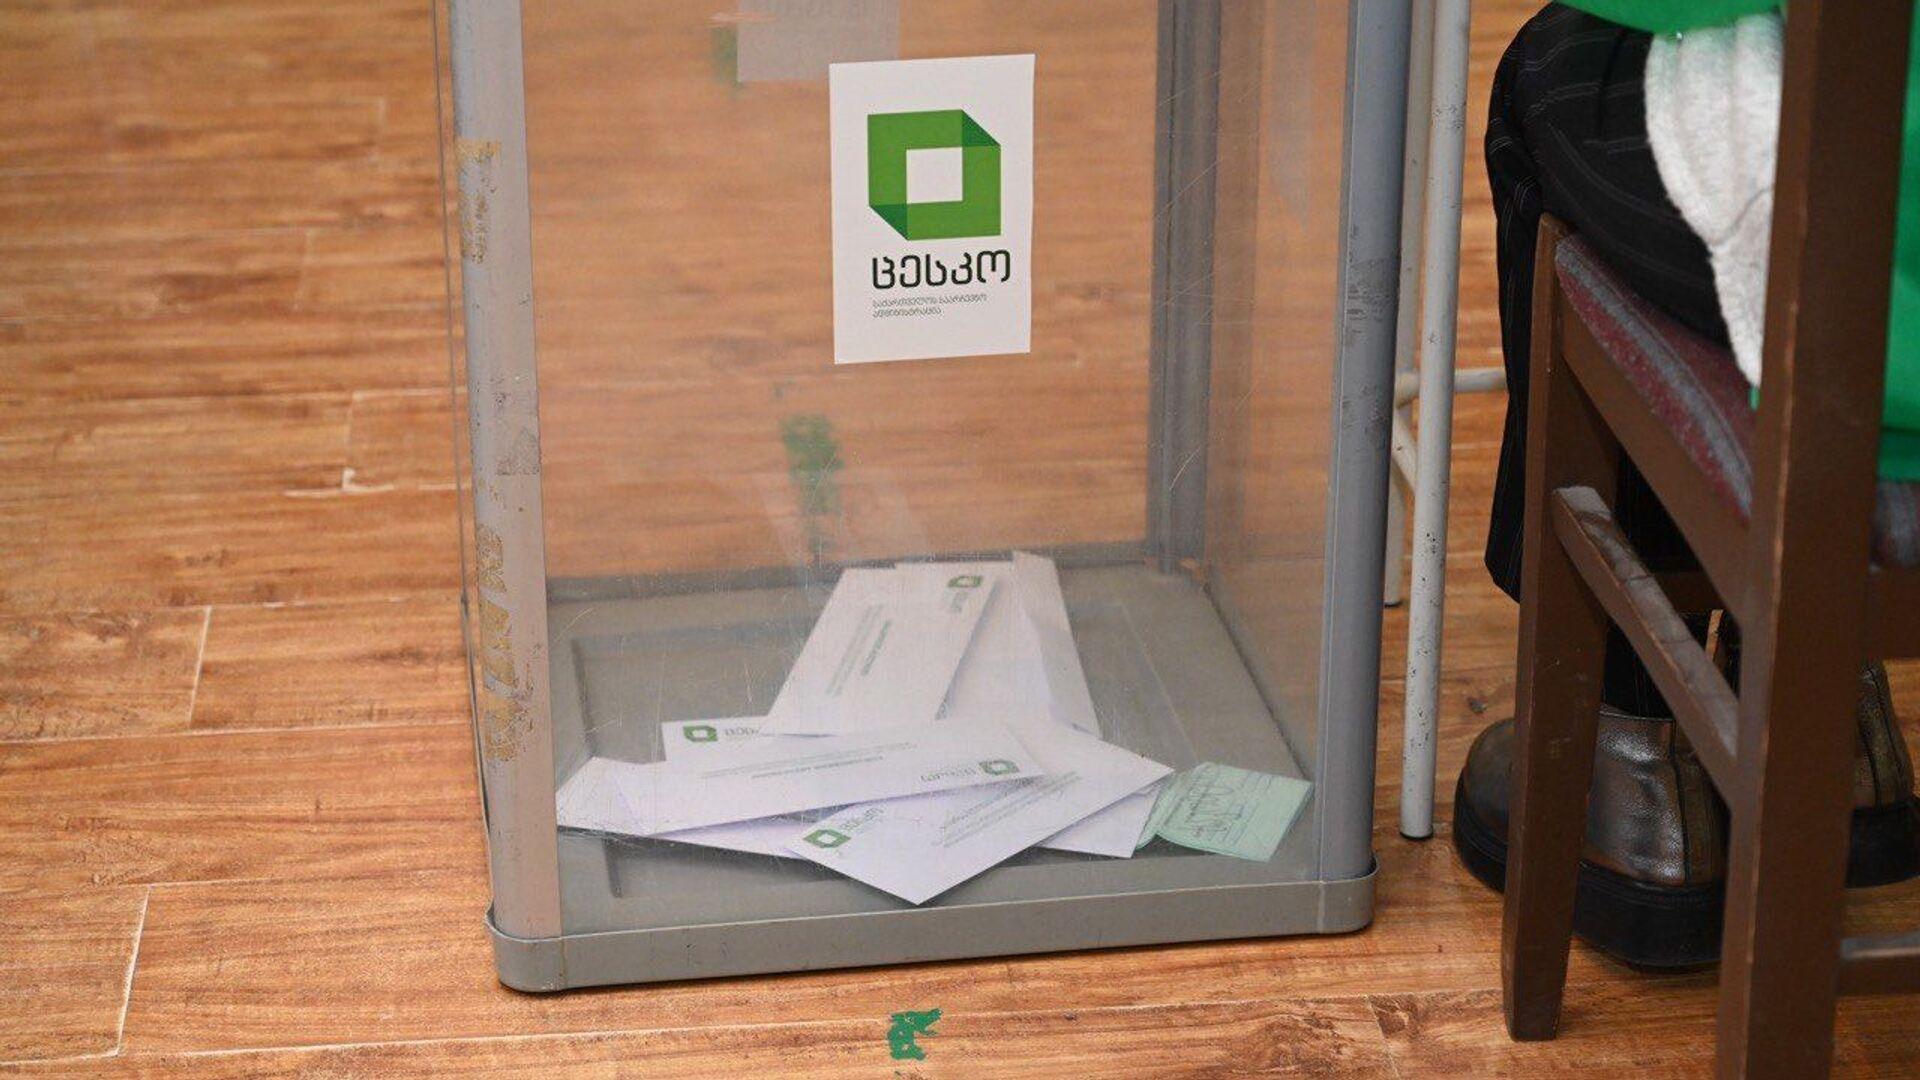 Выборы в парламент Грузии. Второй тур 21 ноября 2020 года в столице страны - урна и бюллетени - Sputnik Грузия, 1920, 01.05.2021